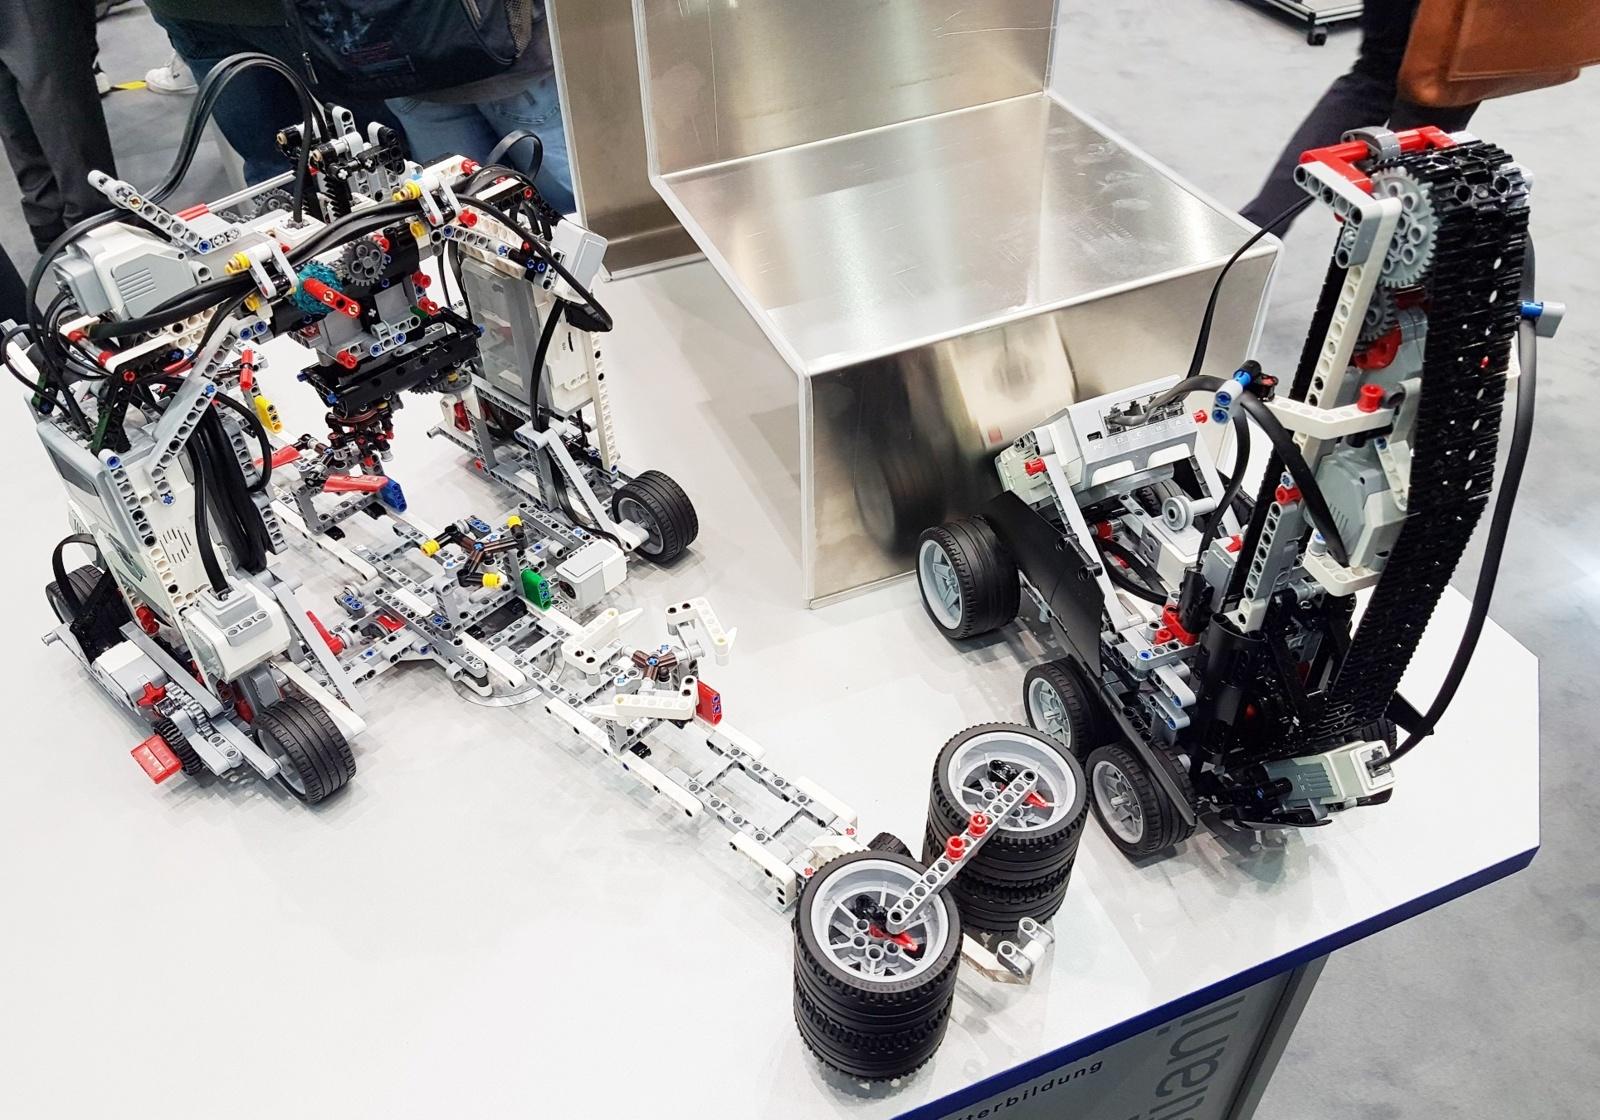 Šiaulių valstybinė kolegija kviečia diskutuoti apie robotizaciją Šiauliuose